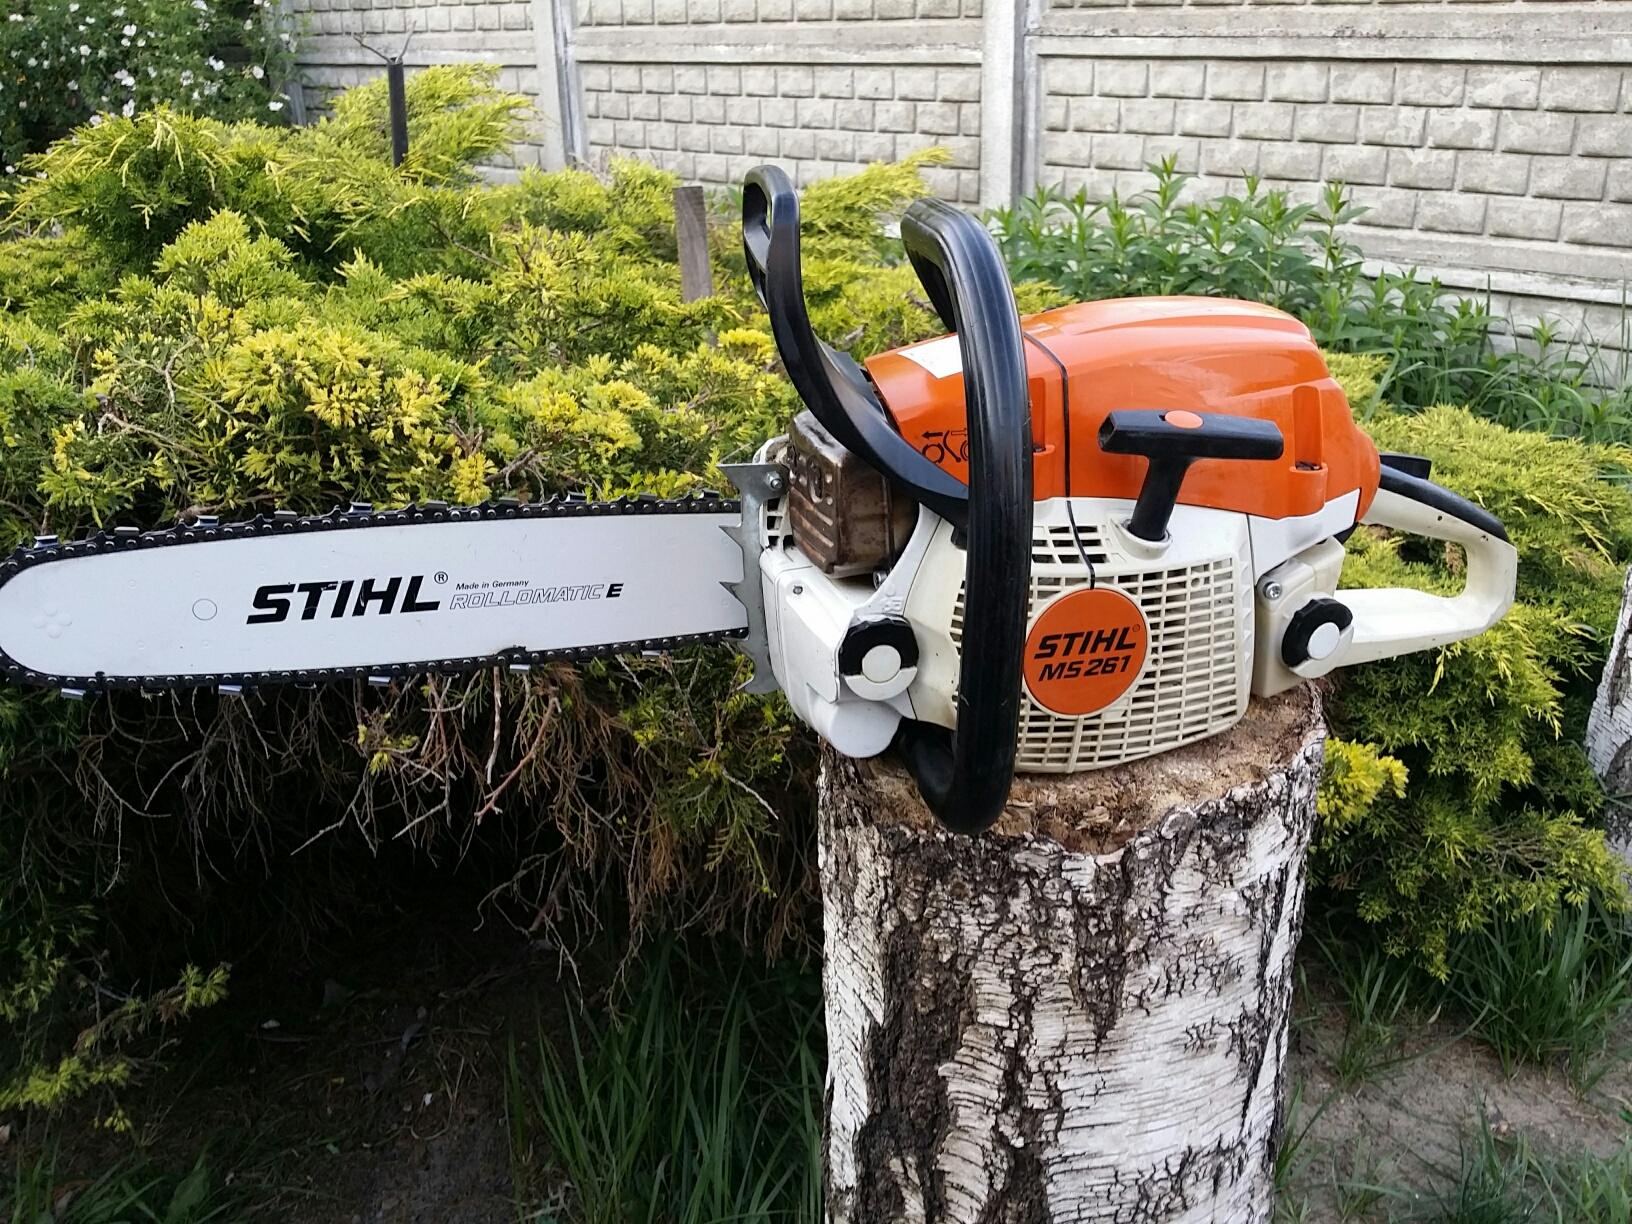 Бензопила stihl ms-261: штиль-361, цена, технические характеристики, отзывы, устройство, регулировка, ремонт